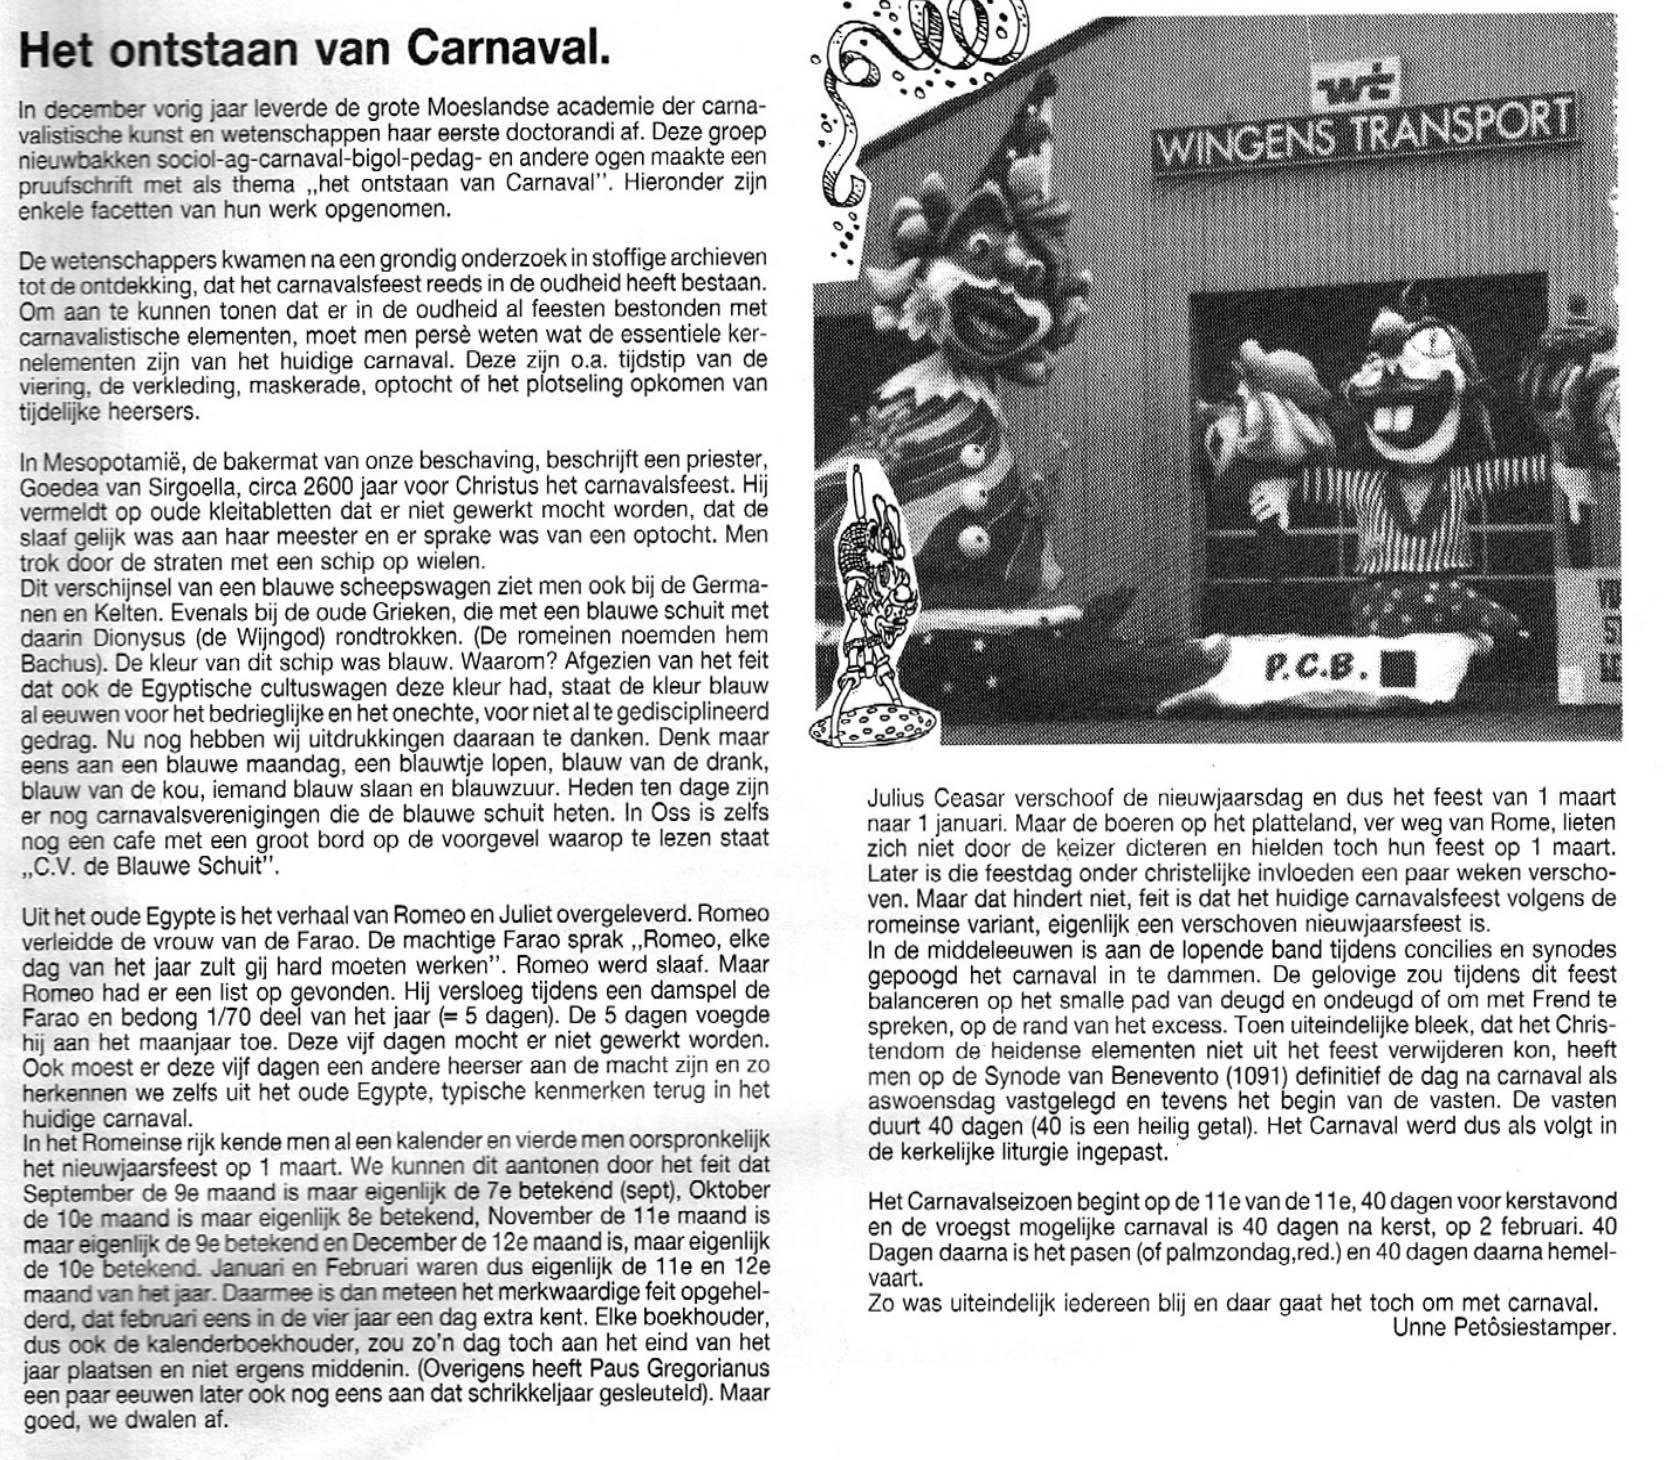 Stukje uit de carnavalskrant van de Petôsiestampers - 1991